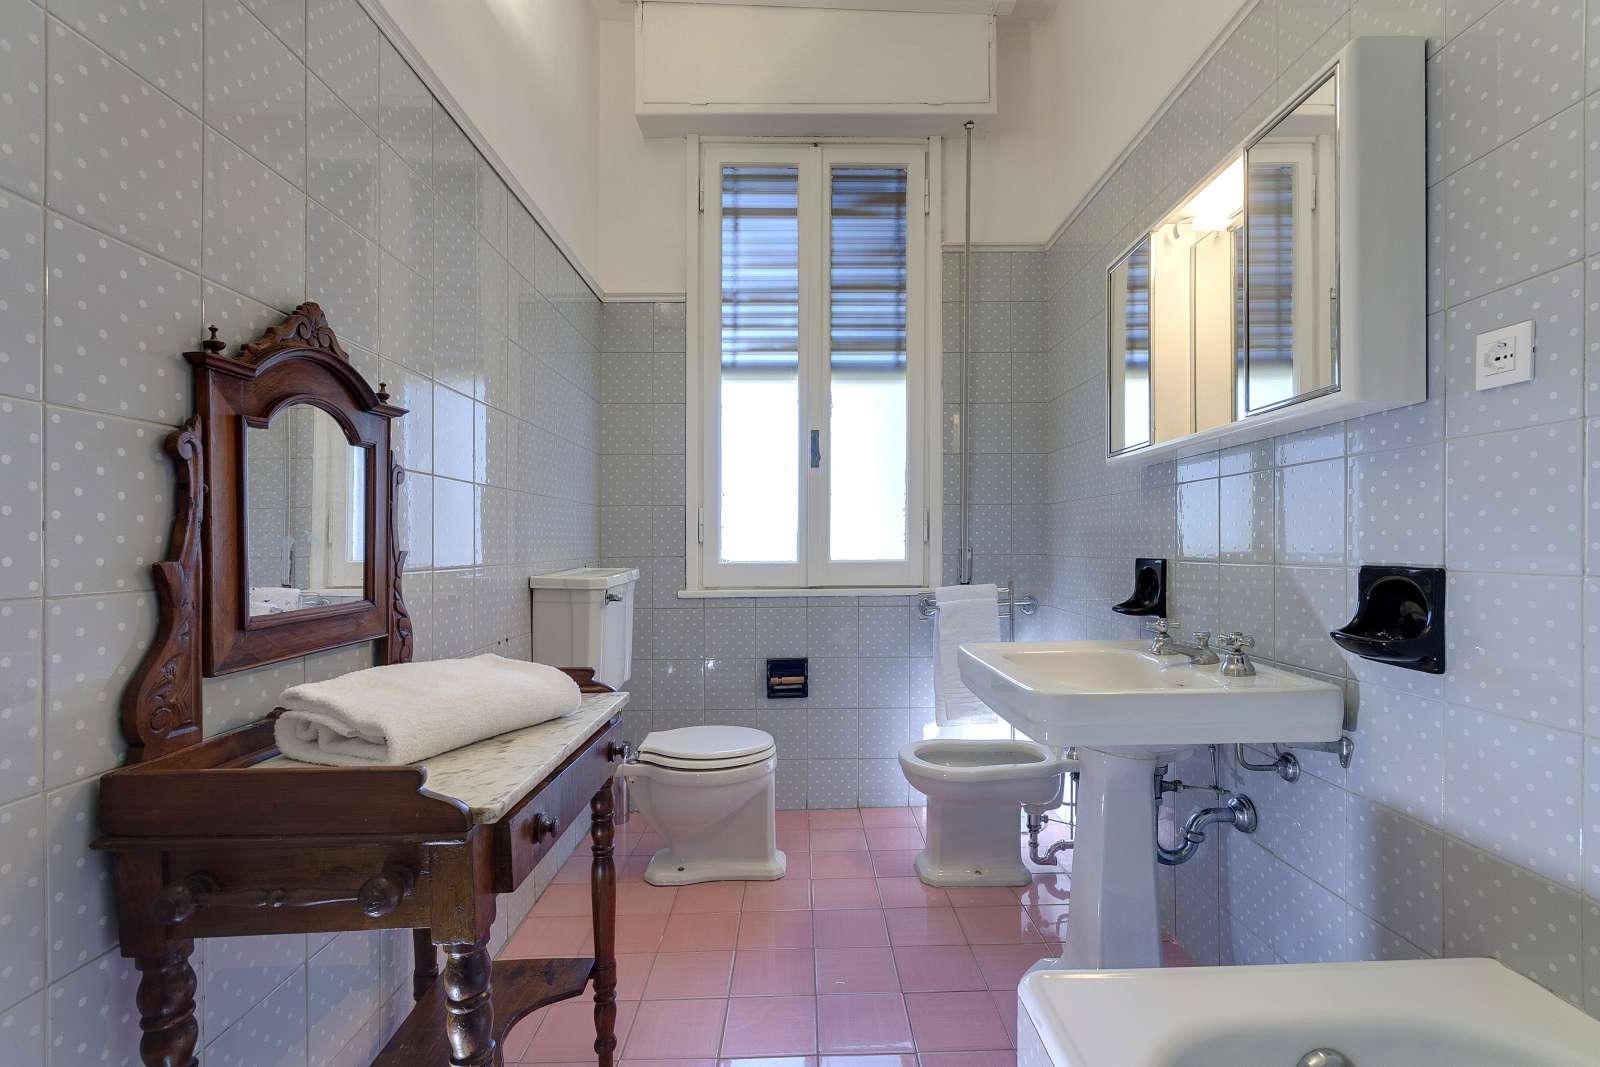 Appartamento con 3 camere da letto in affitto a campo di for 2 camere da letto 1 bagno di casa